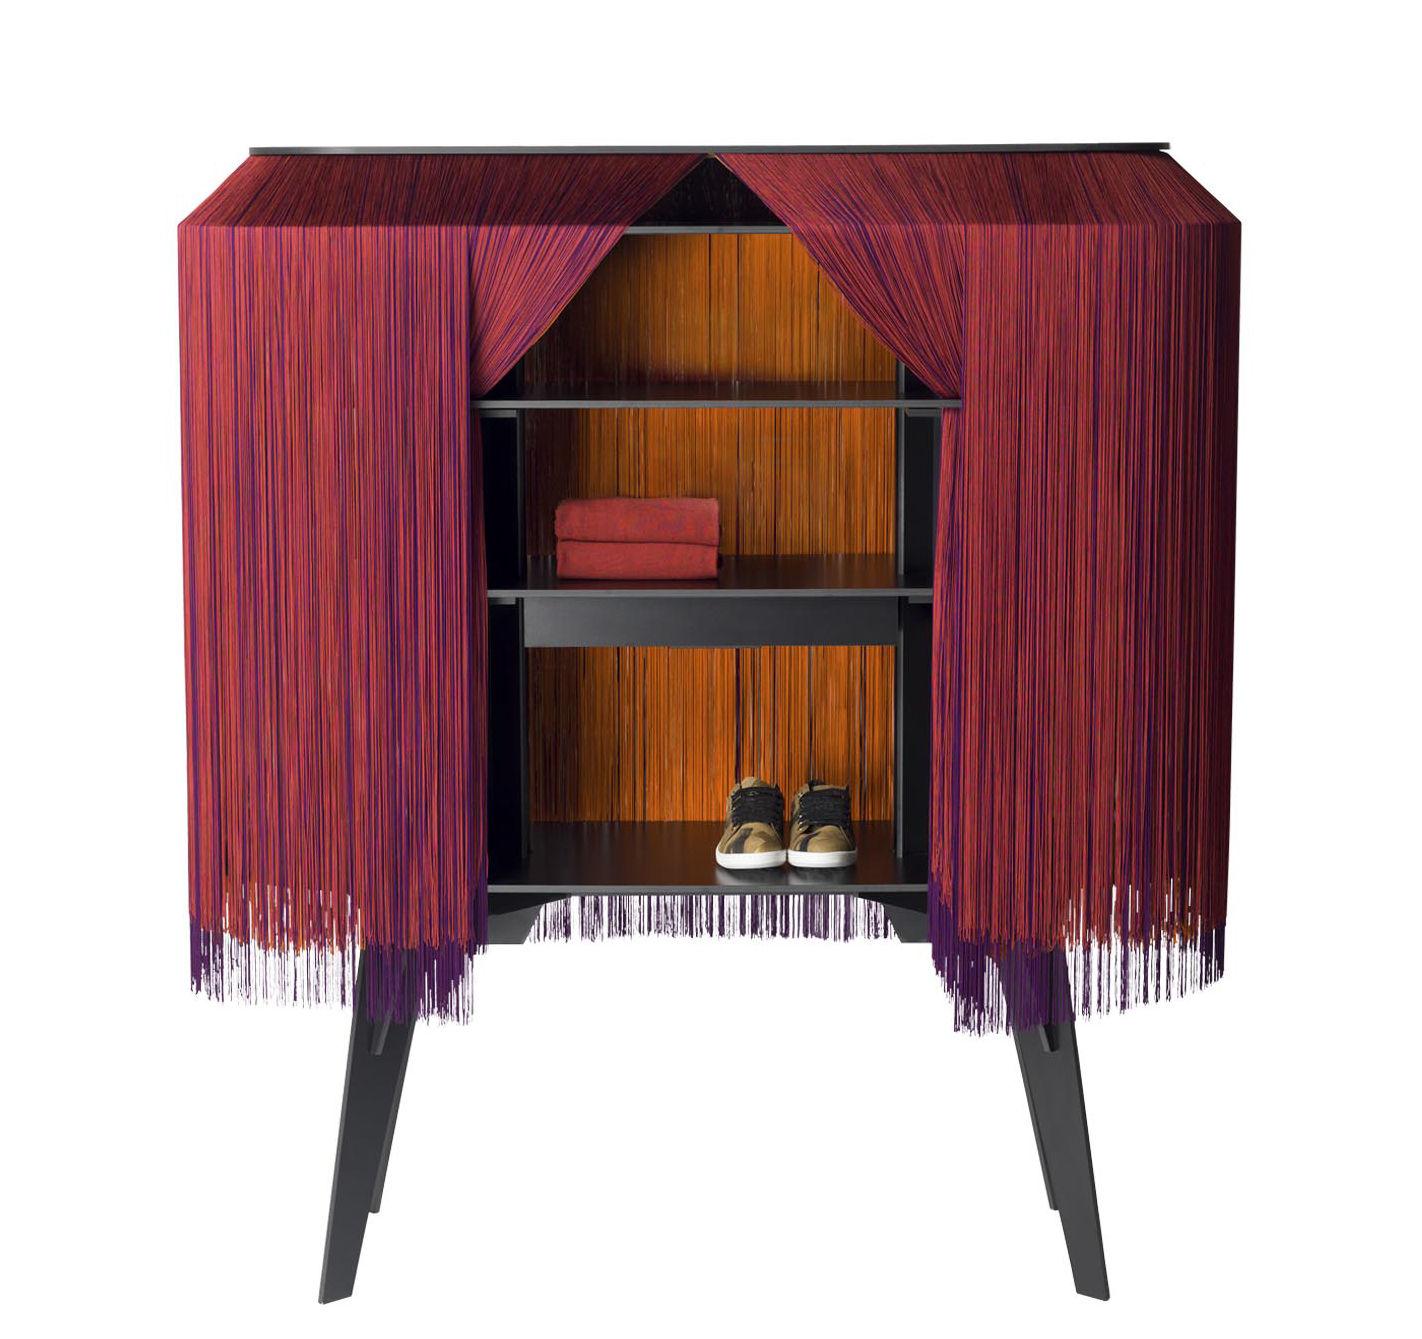 Möbel - Beistell-Möbel - Alpaga Bar / Sideboard - L 140 cm - limitierte und nummerierte Auflage - Ibride - Feuer & Flamme / rot - massive Press-Spanplatte, Viscose